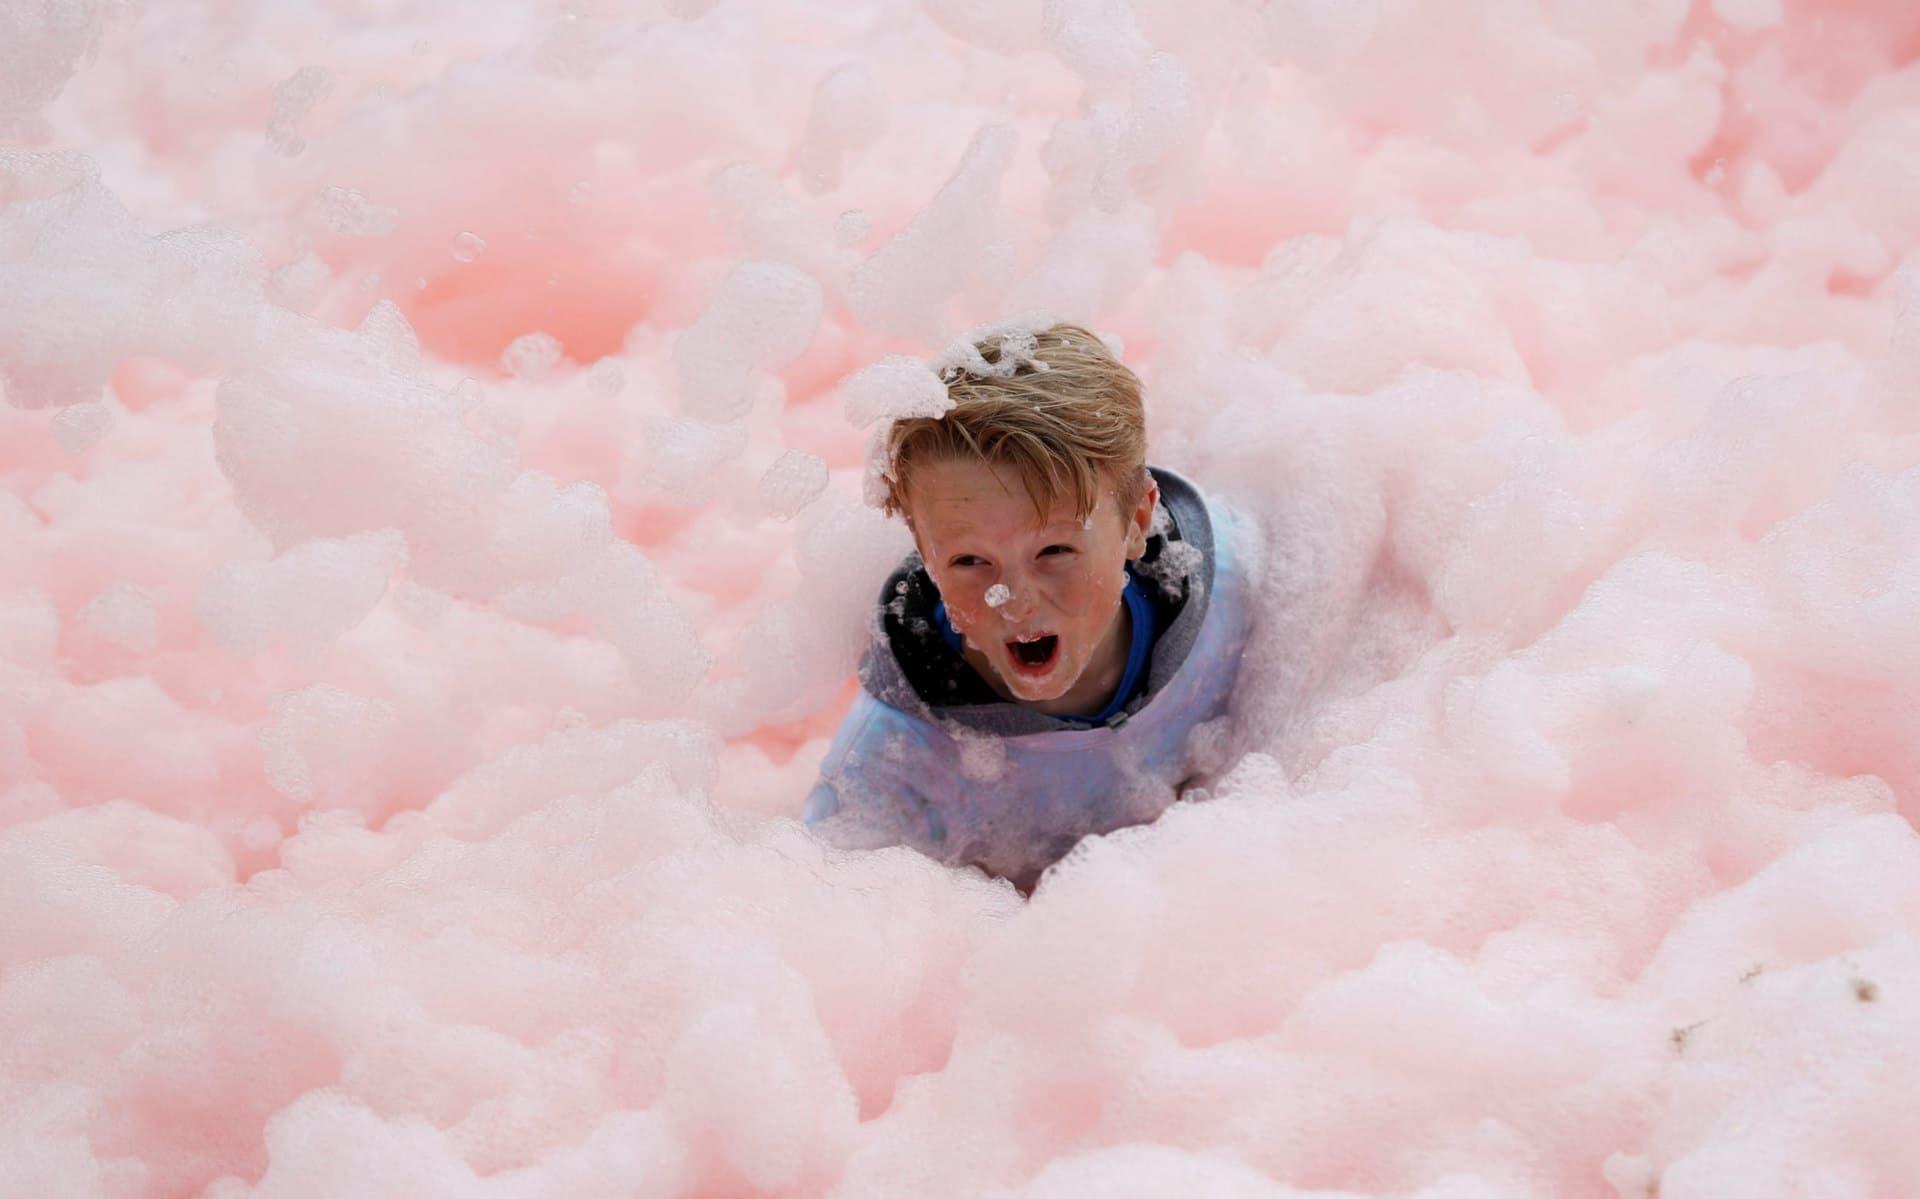 Un bambino caduto durante una corsa tra le bolle di sapone, organizzata nell'ambito di una manifestazione di beneficienza a Leicester, nel Regno Unito